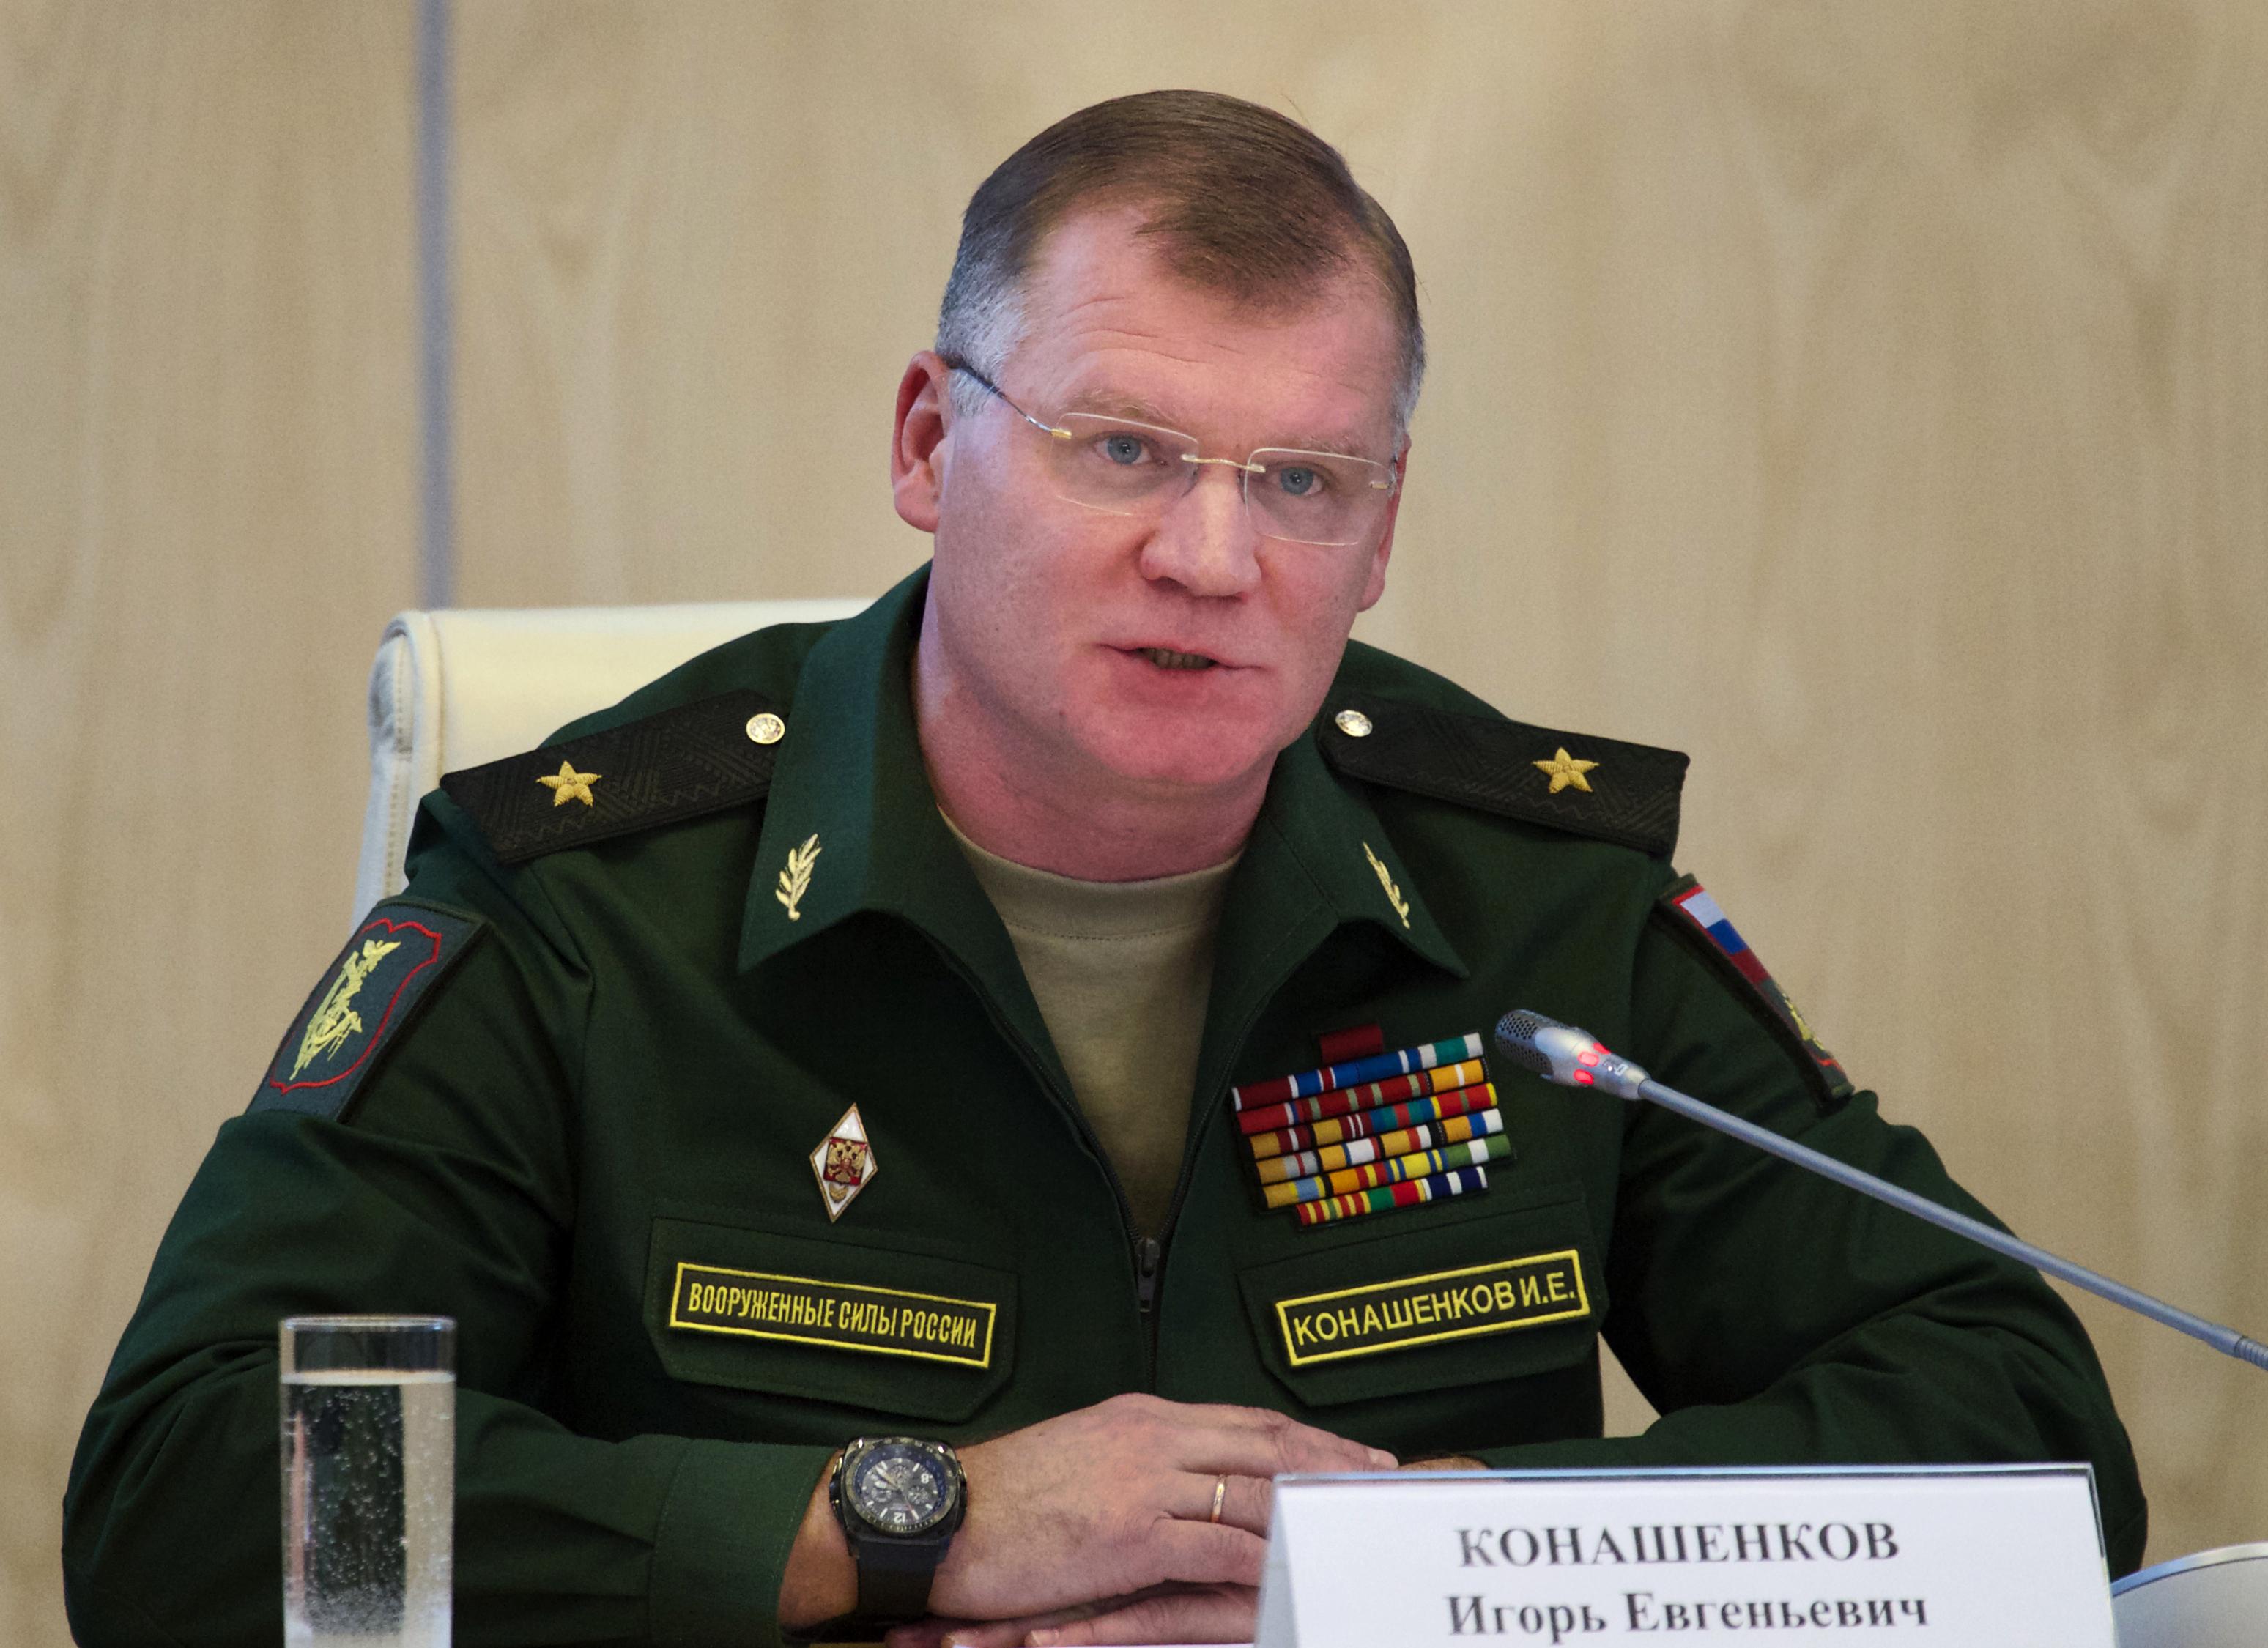 俄羅斯國防部發言人科納申科夫(Igor Konashenkov)。(美聯社)